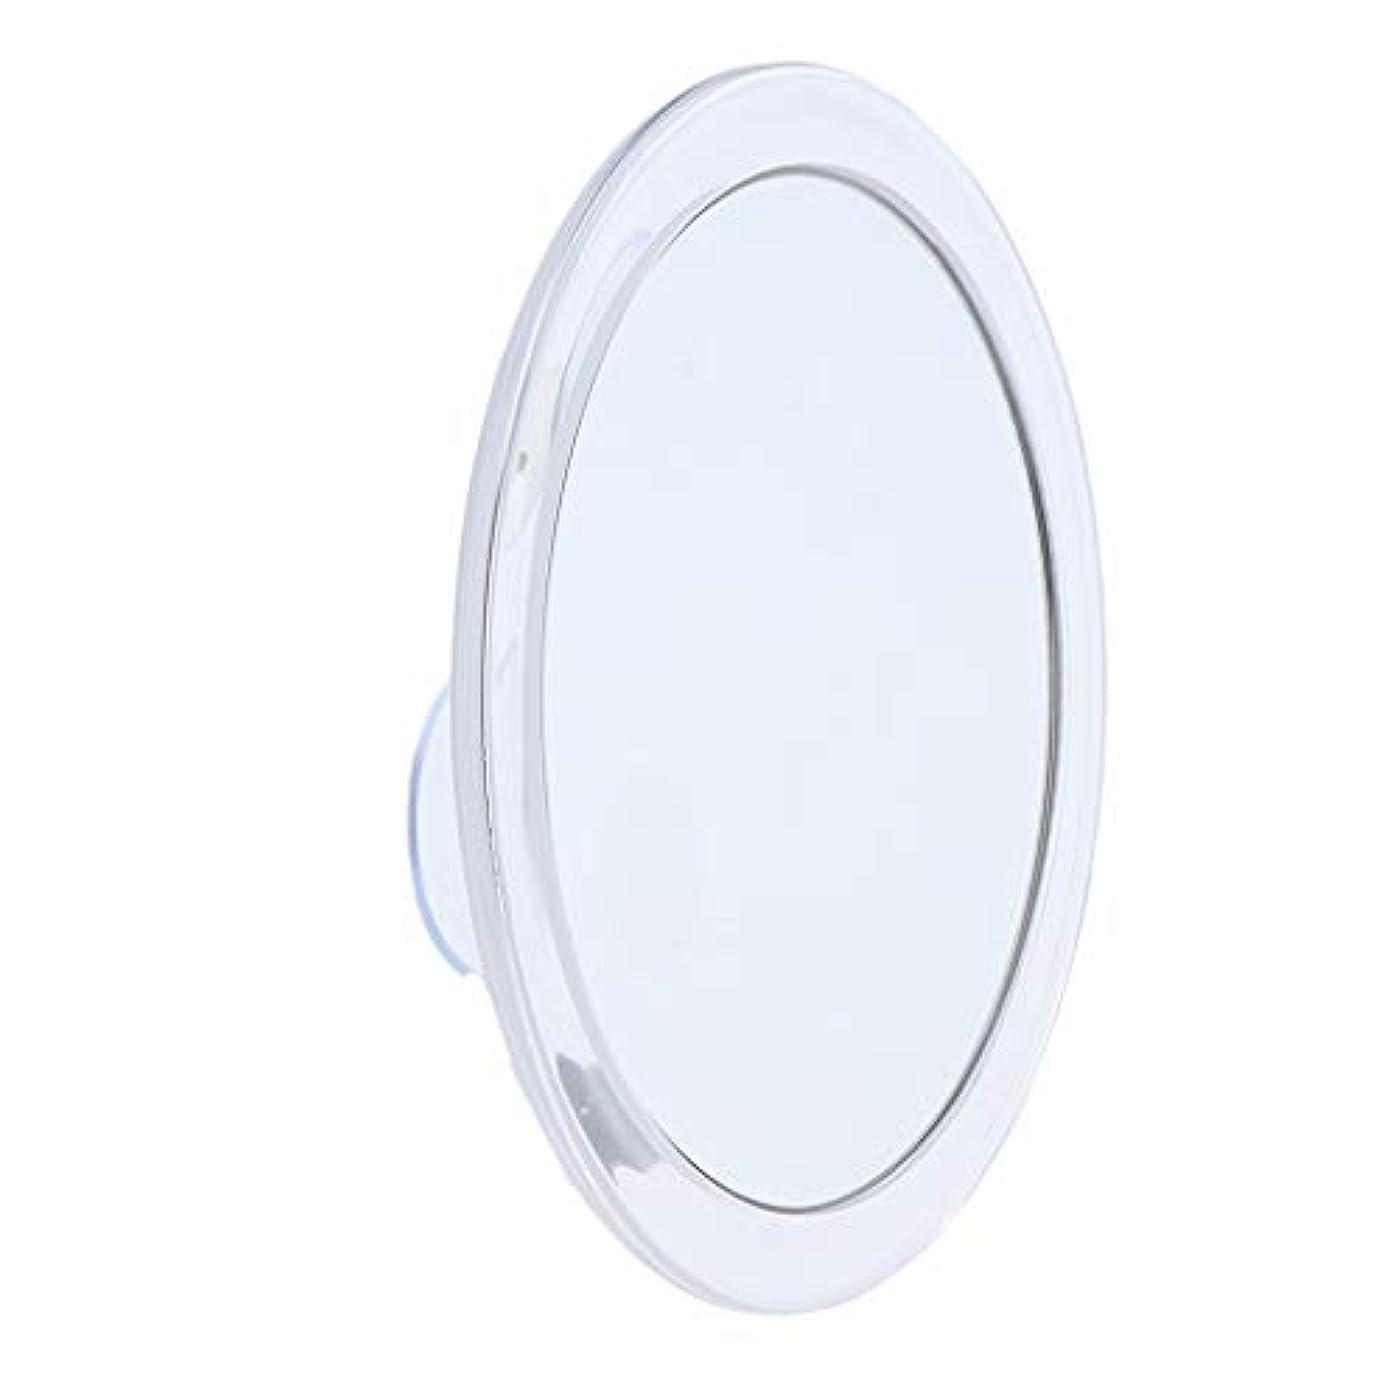 言い直すブルームパノラマToygogo サクションミラー 化粧ミラー 化粧鏡 メイクアップミラー 5倍 拡大鏡 吸盤付き